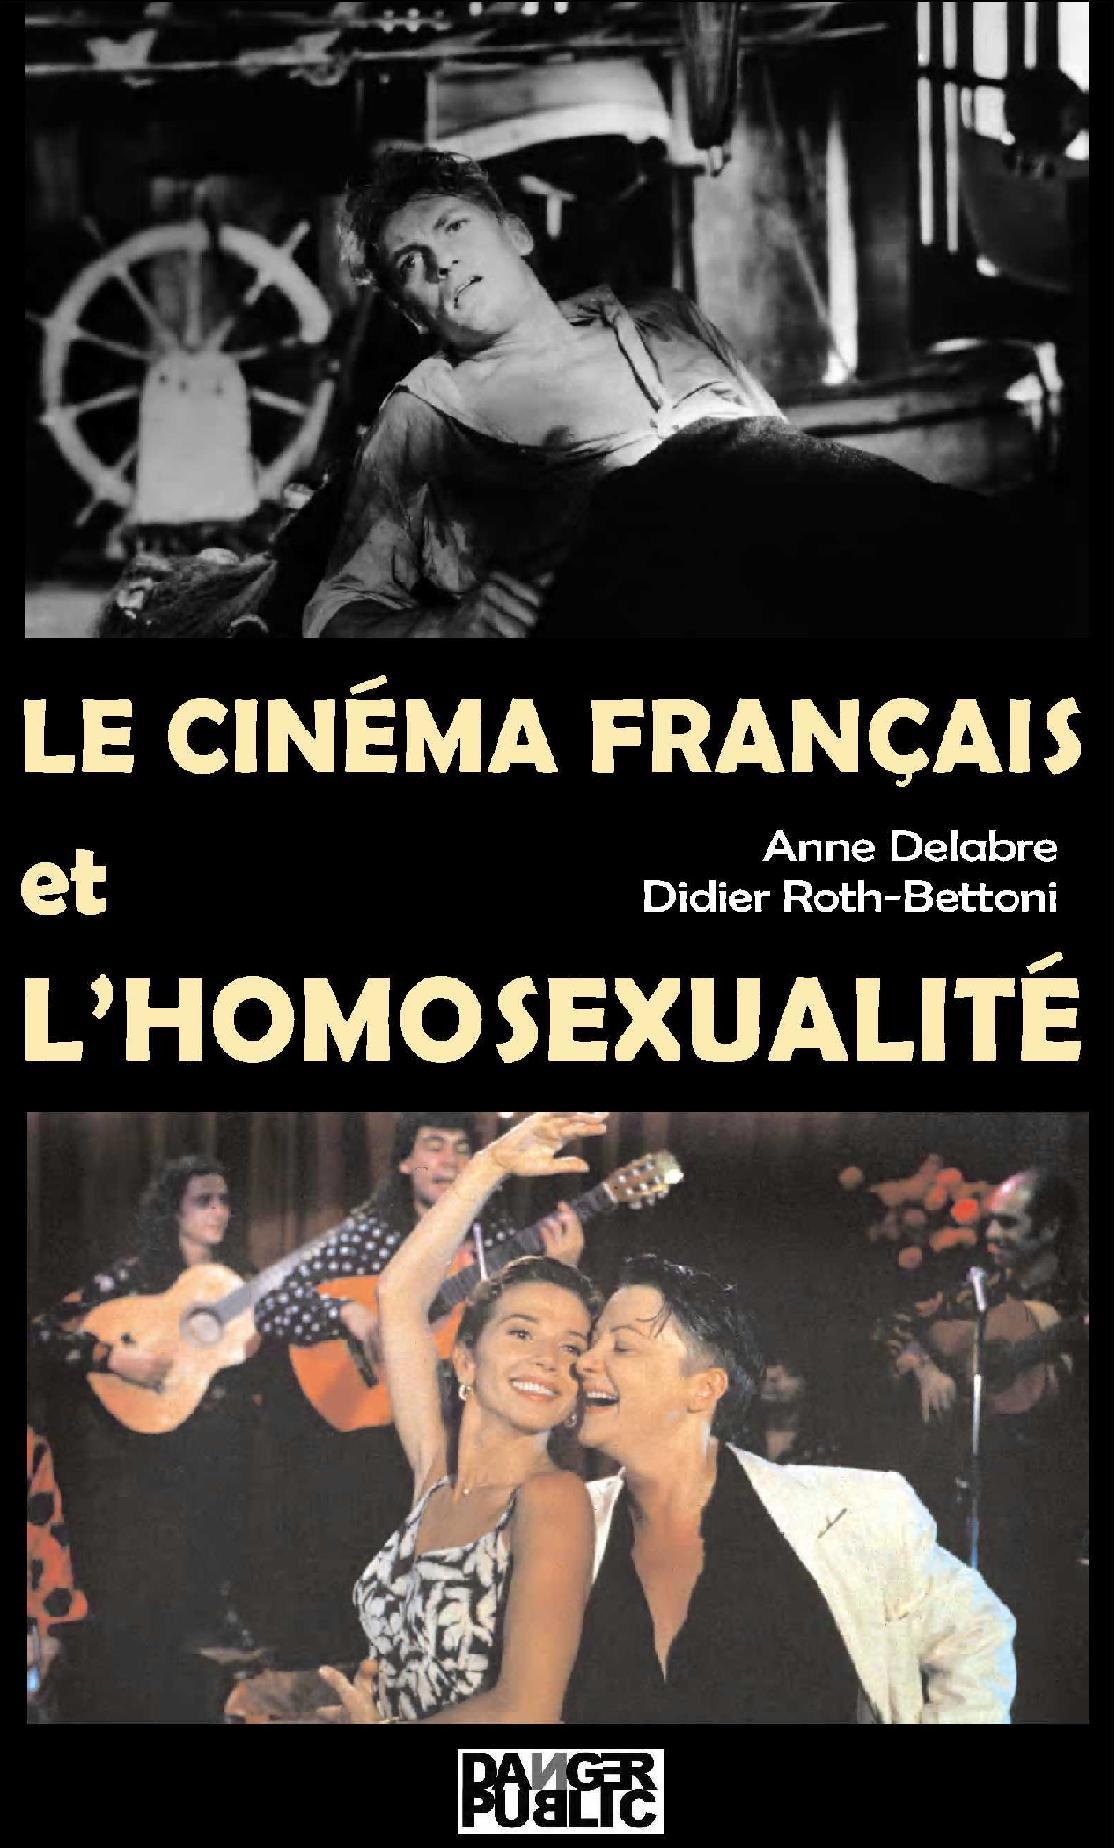 Le Cinéma Français et l'Homosexualité - Anne Delabre et Didier Roth-Bettoni